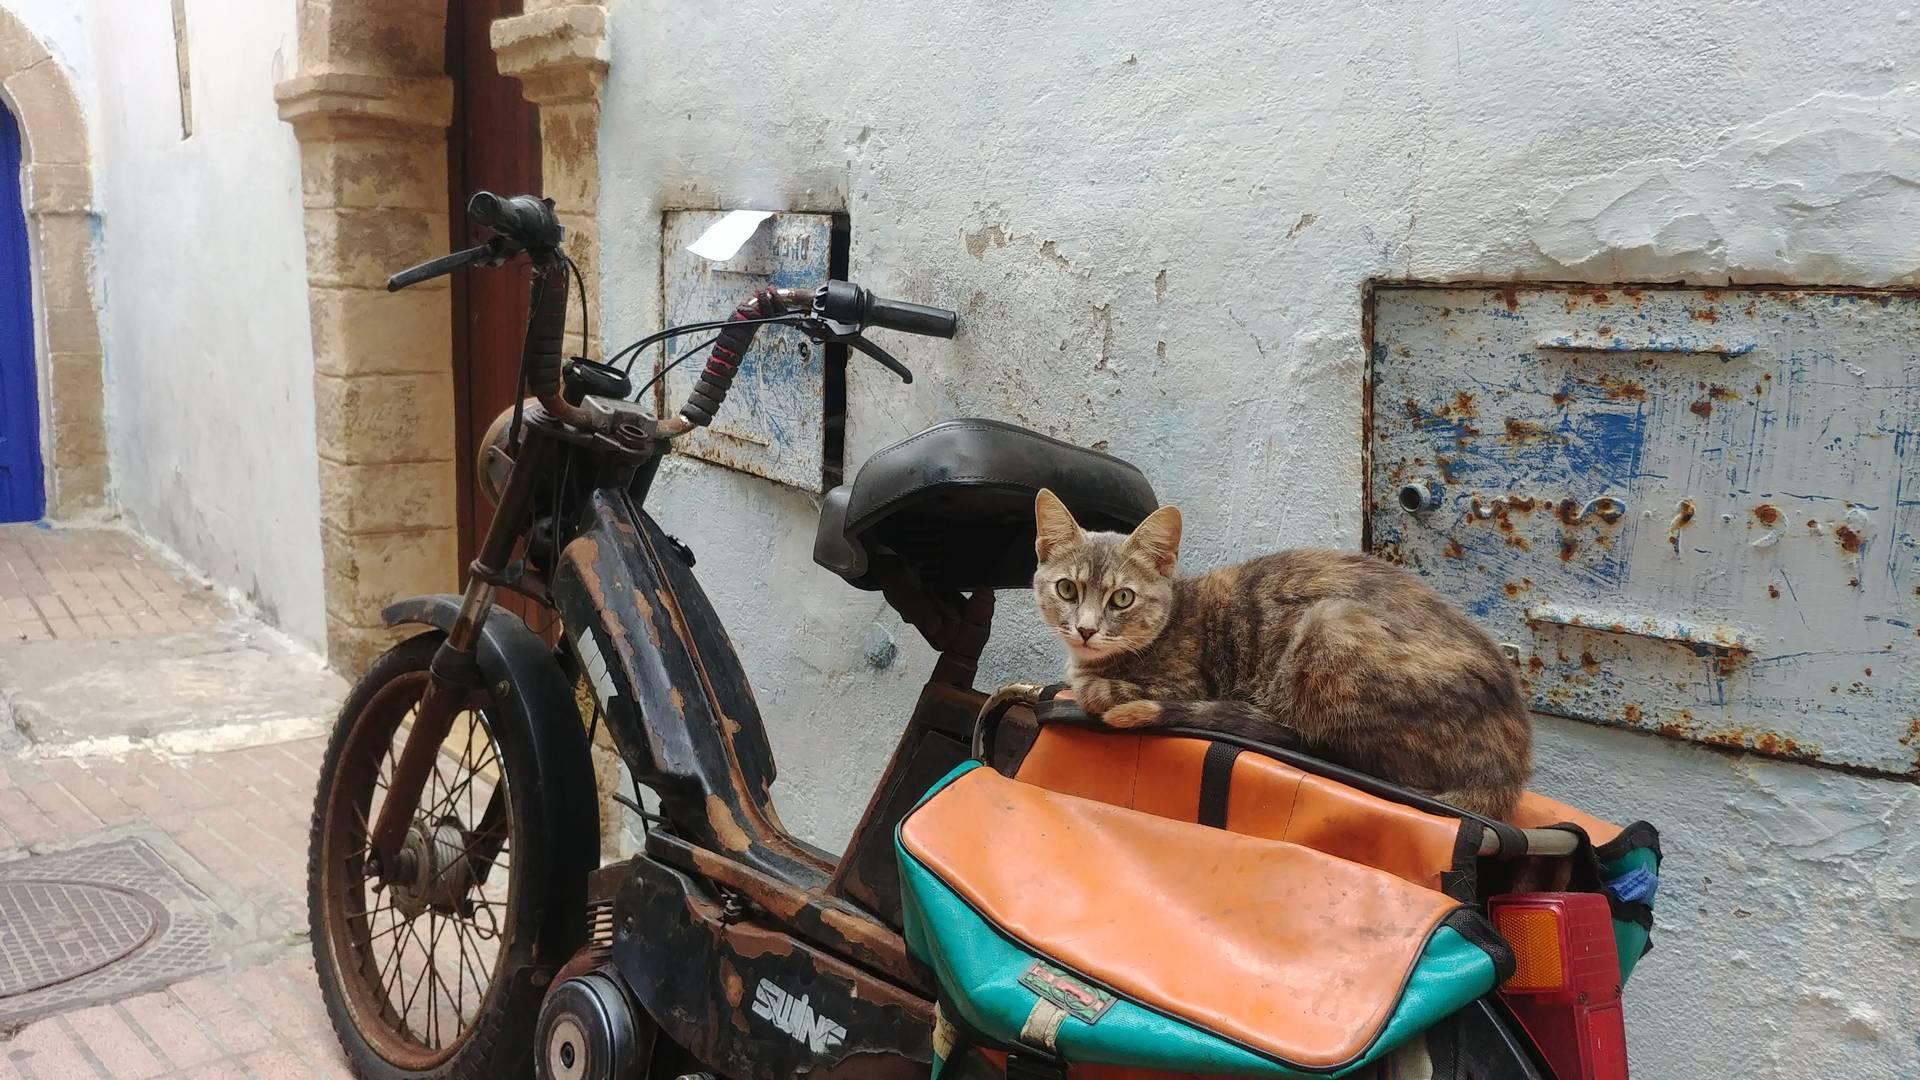 Maroc - Le chat sur la mobylette devant le riad à Essaouira